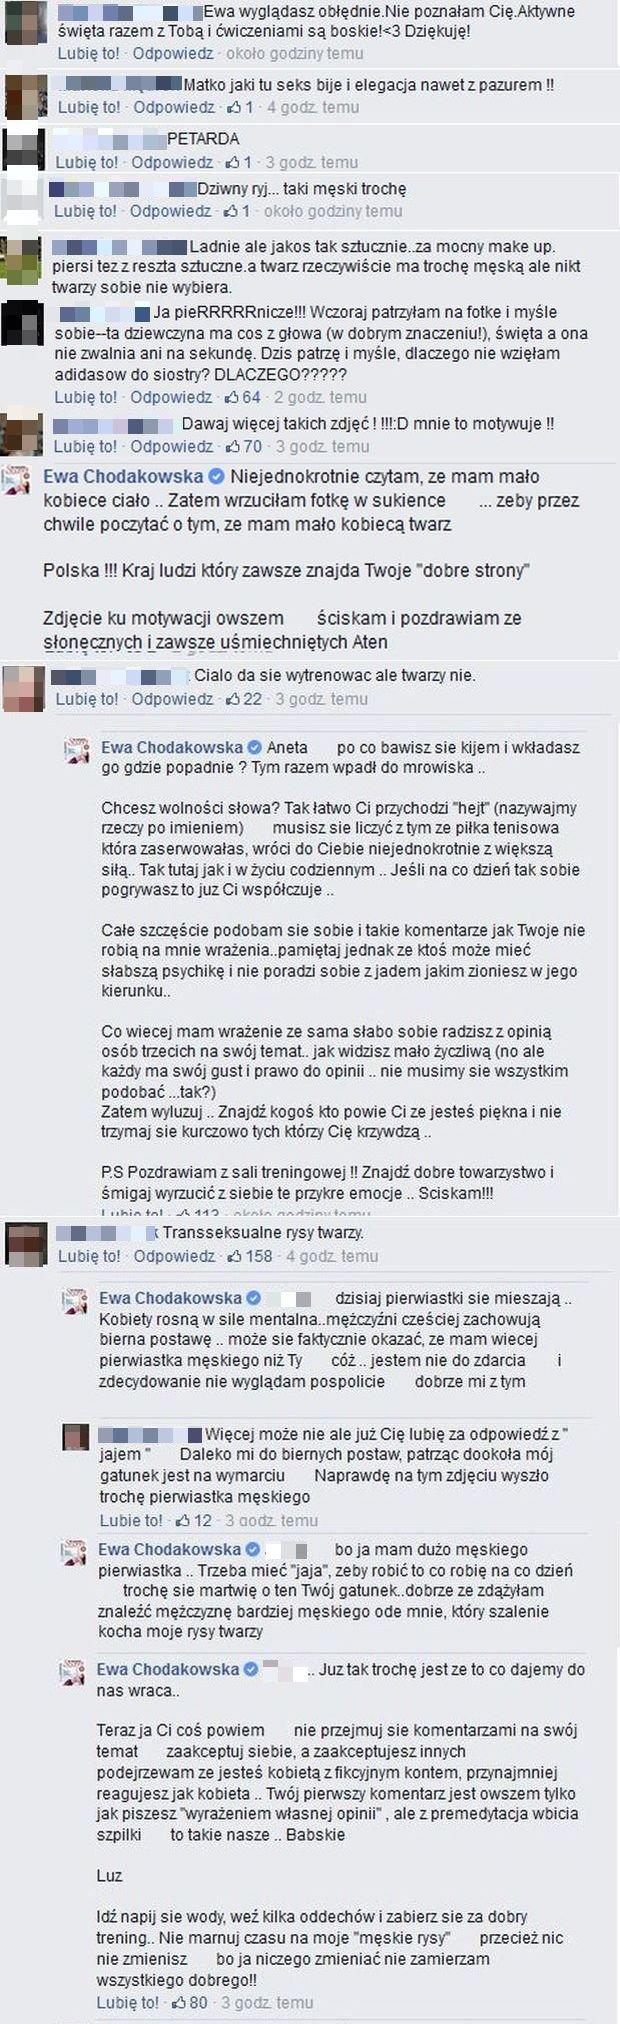 Komentarze na profilu Ewy Chodakowskiej